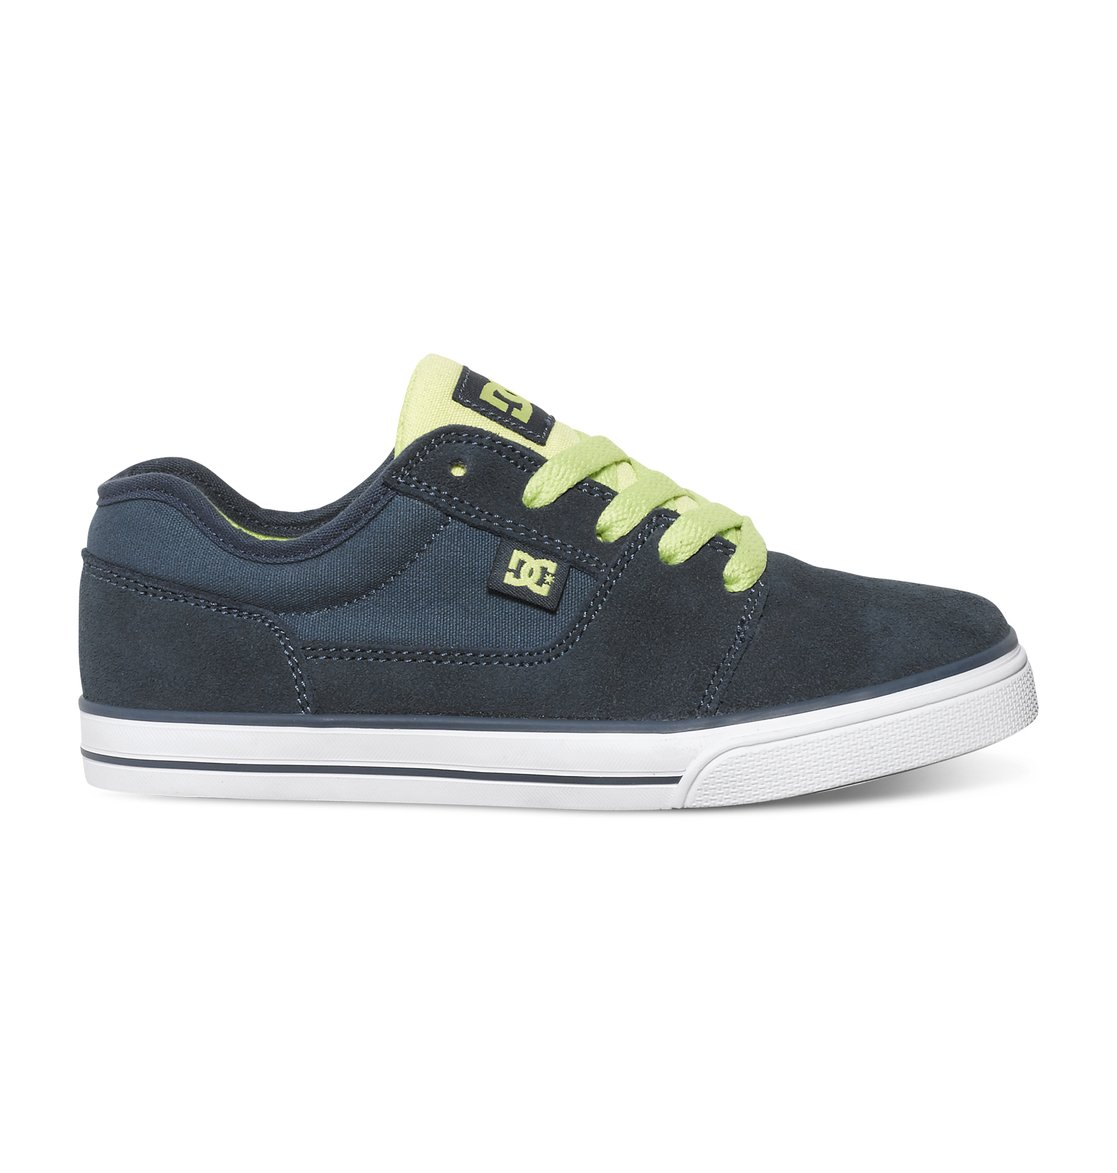 Chaussures de tennis Dc Shoes Tonik